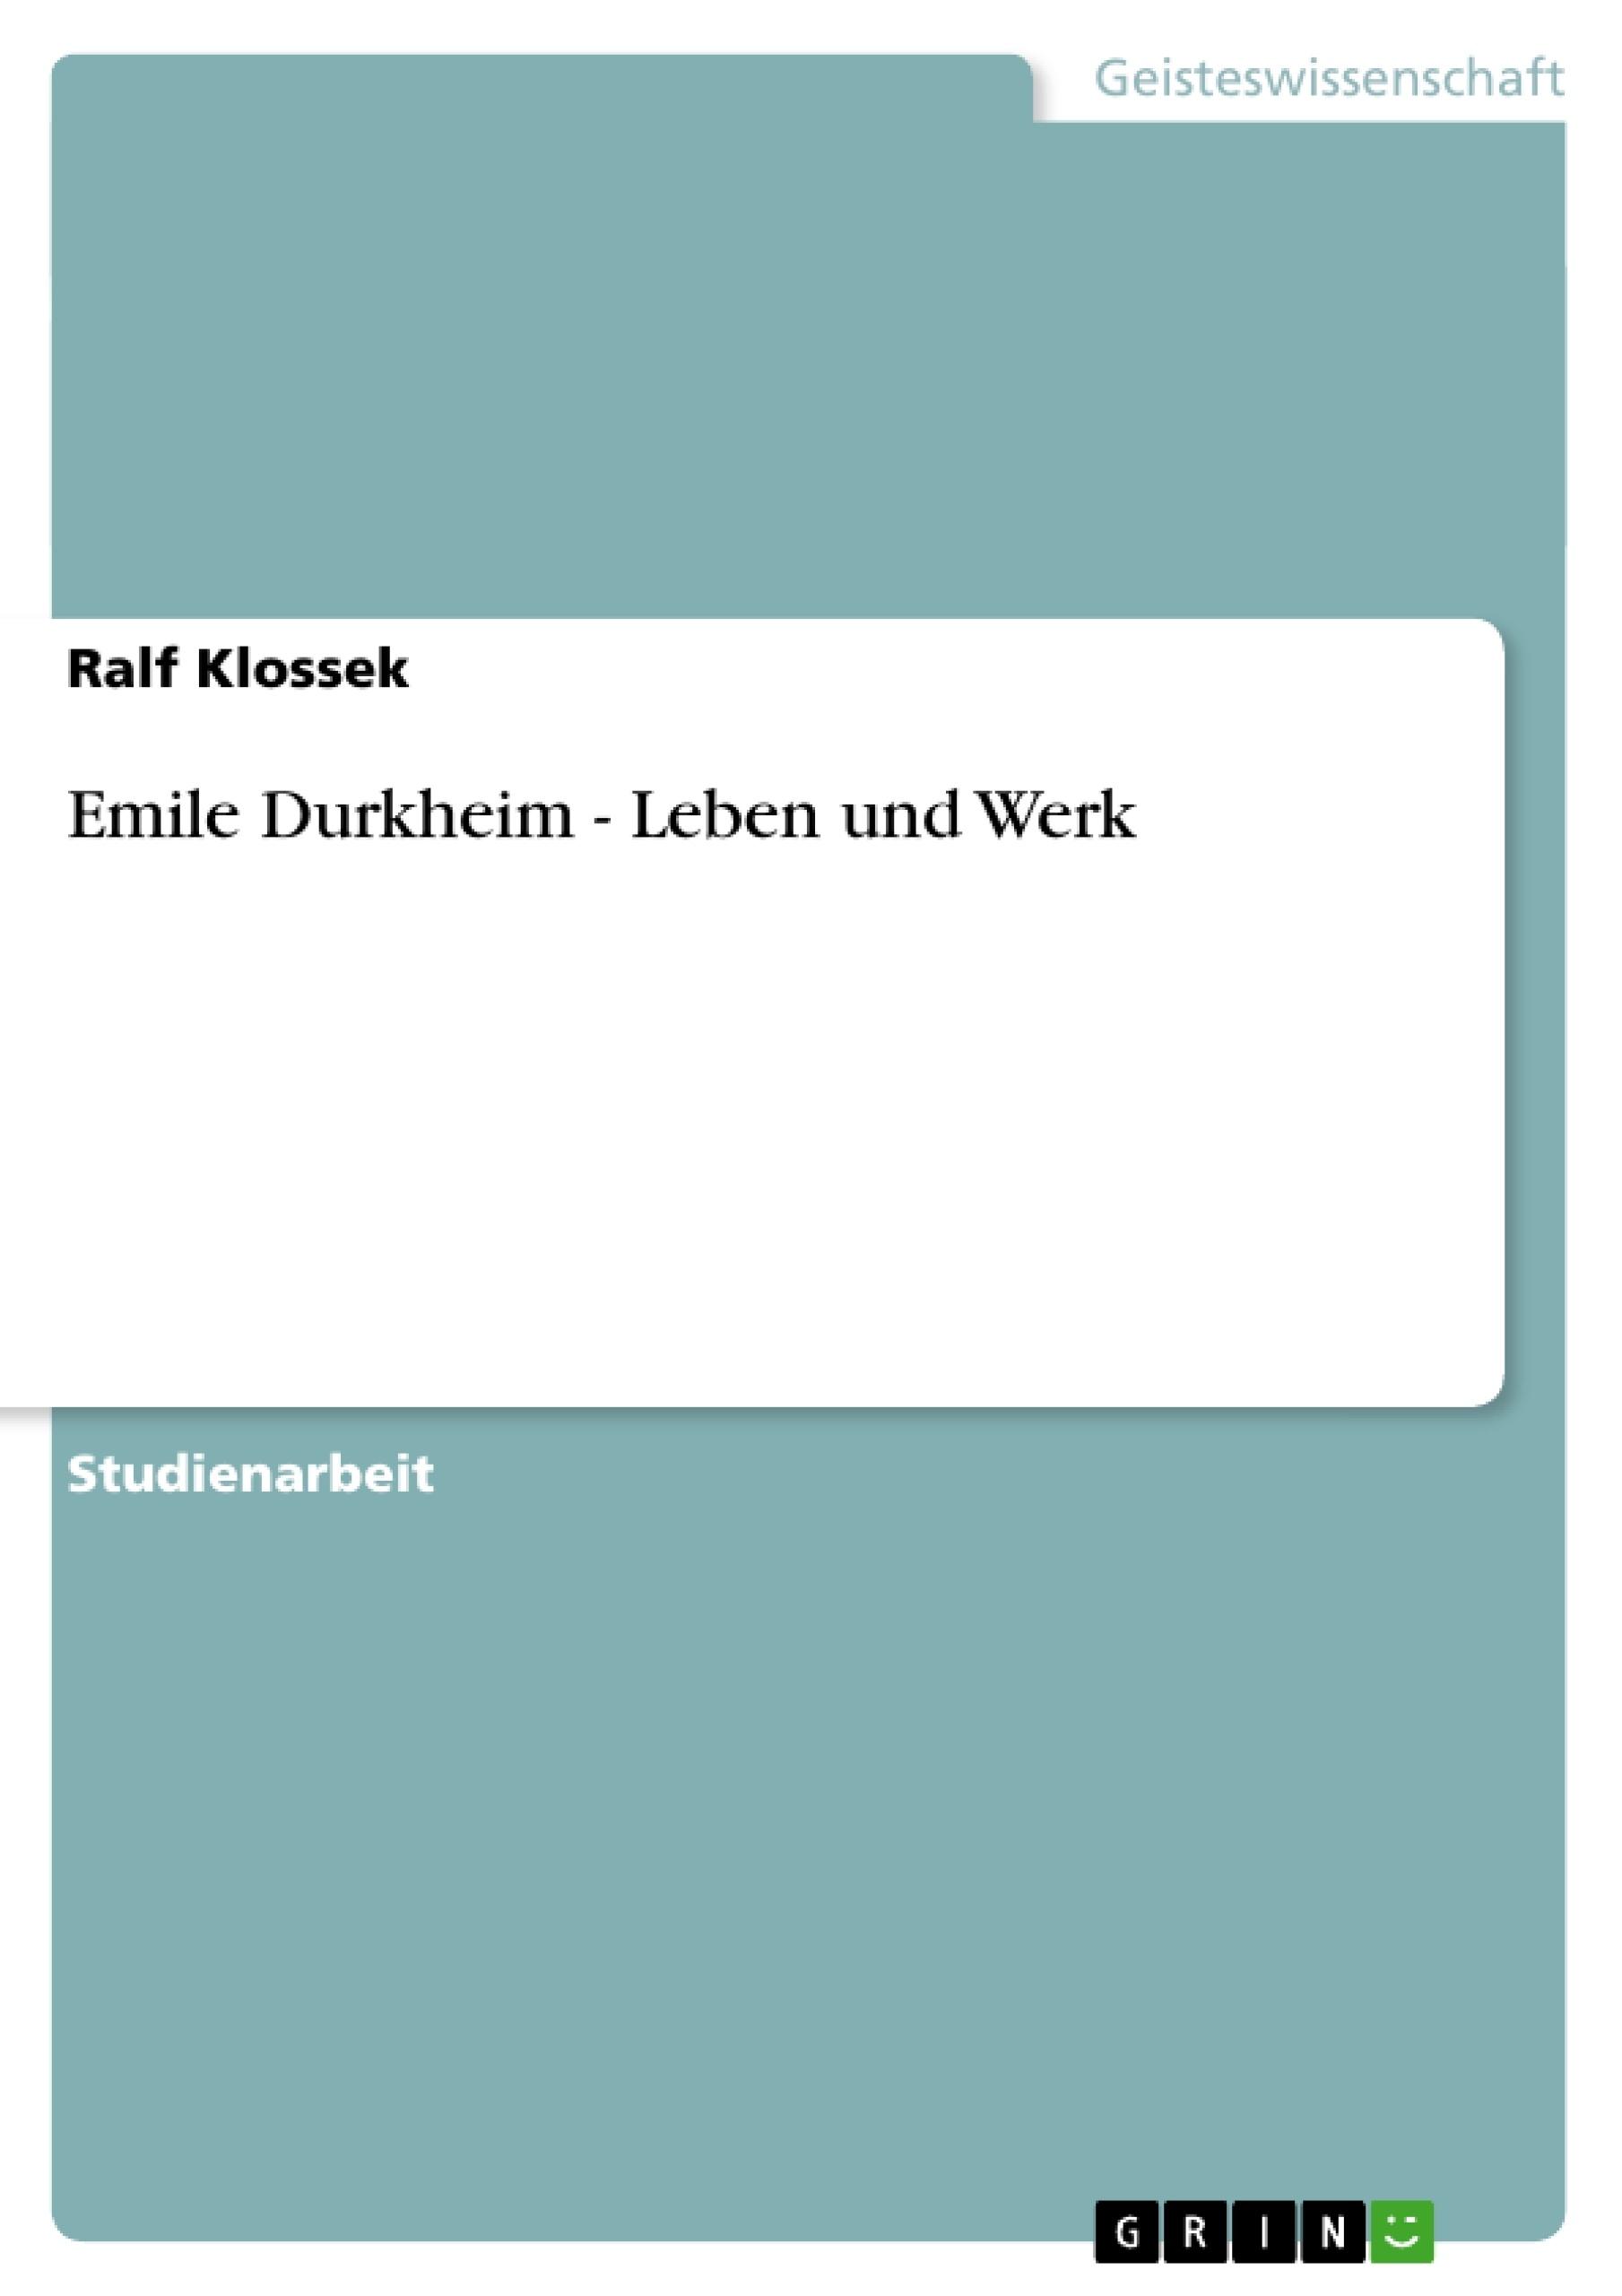 Titel: Emile Durkheim - Leben und Werk